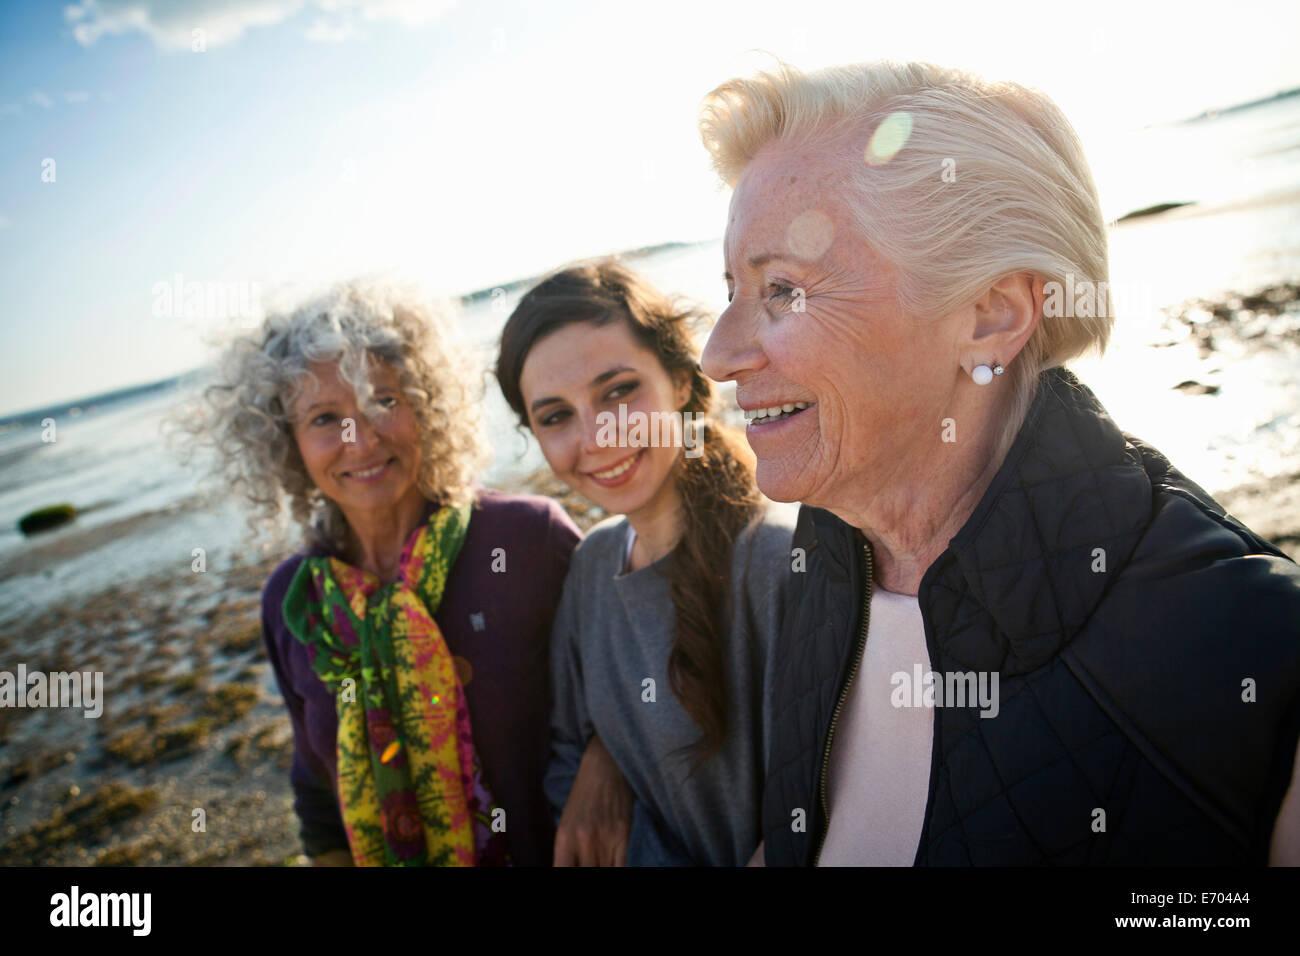 Los miembros femeninos de su familia conversando en la playa Imagen De Stock